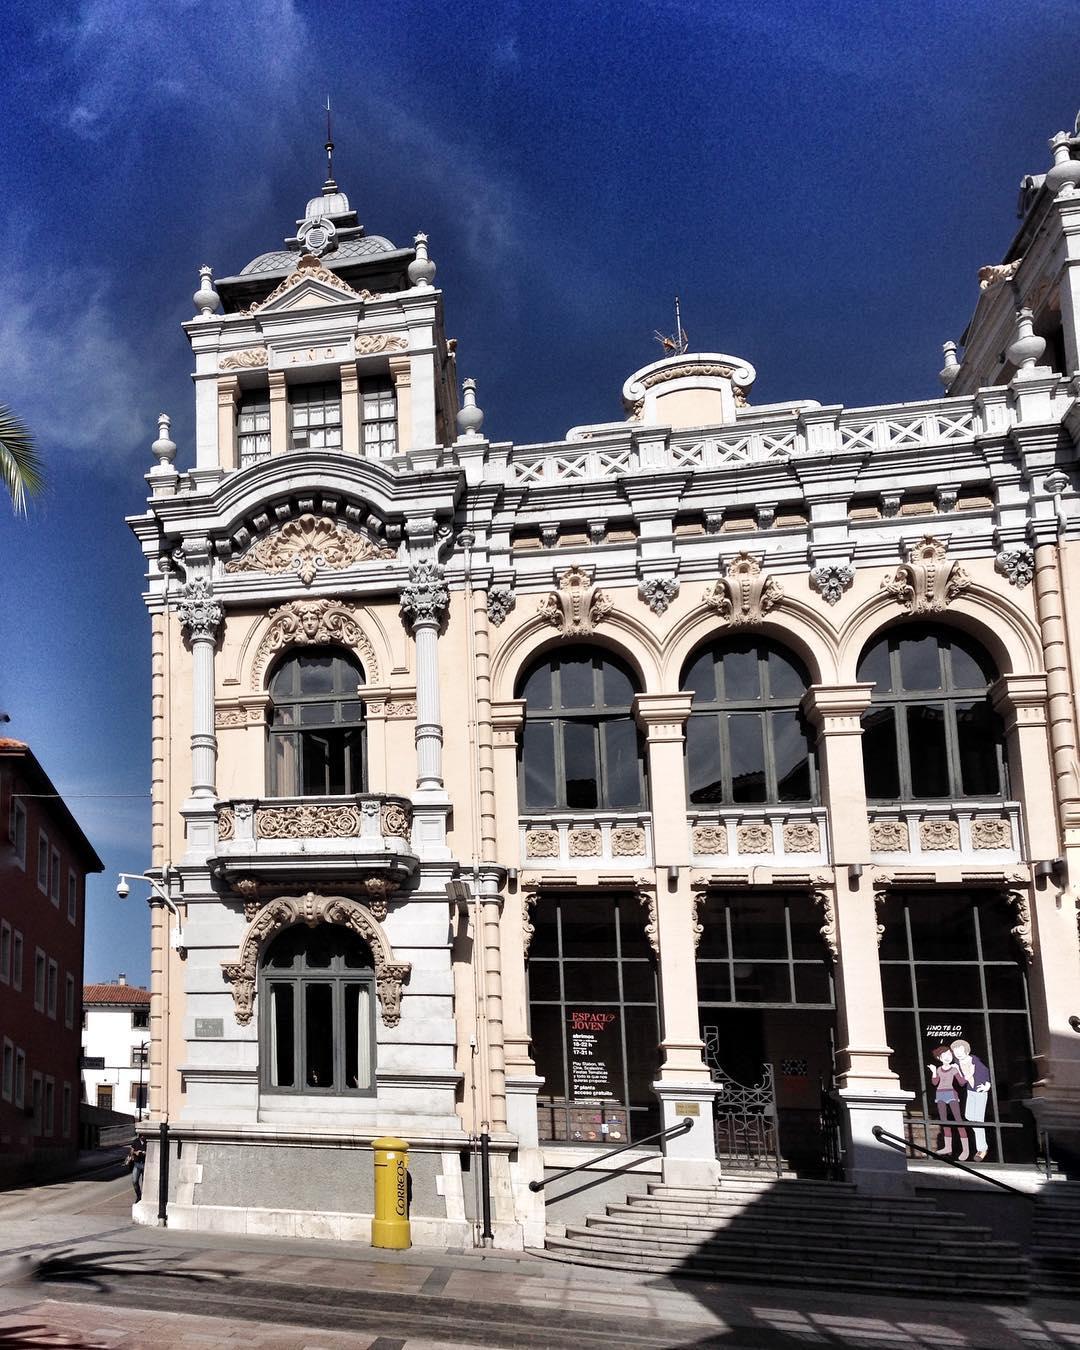 1475850975 - Edificios singulares Casino de Llanes - 1475850975